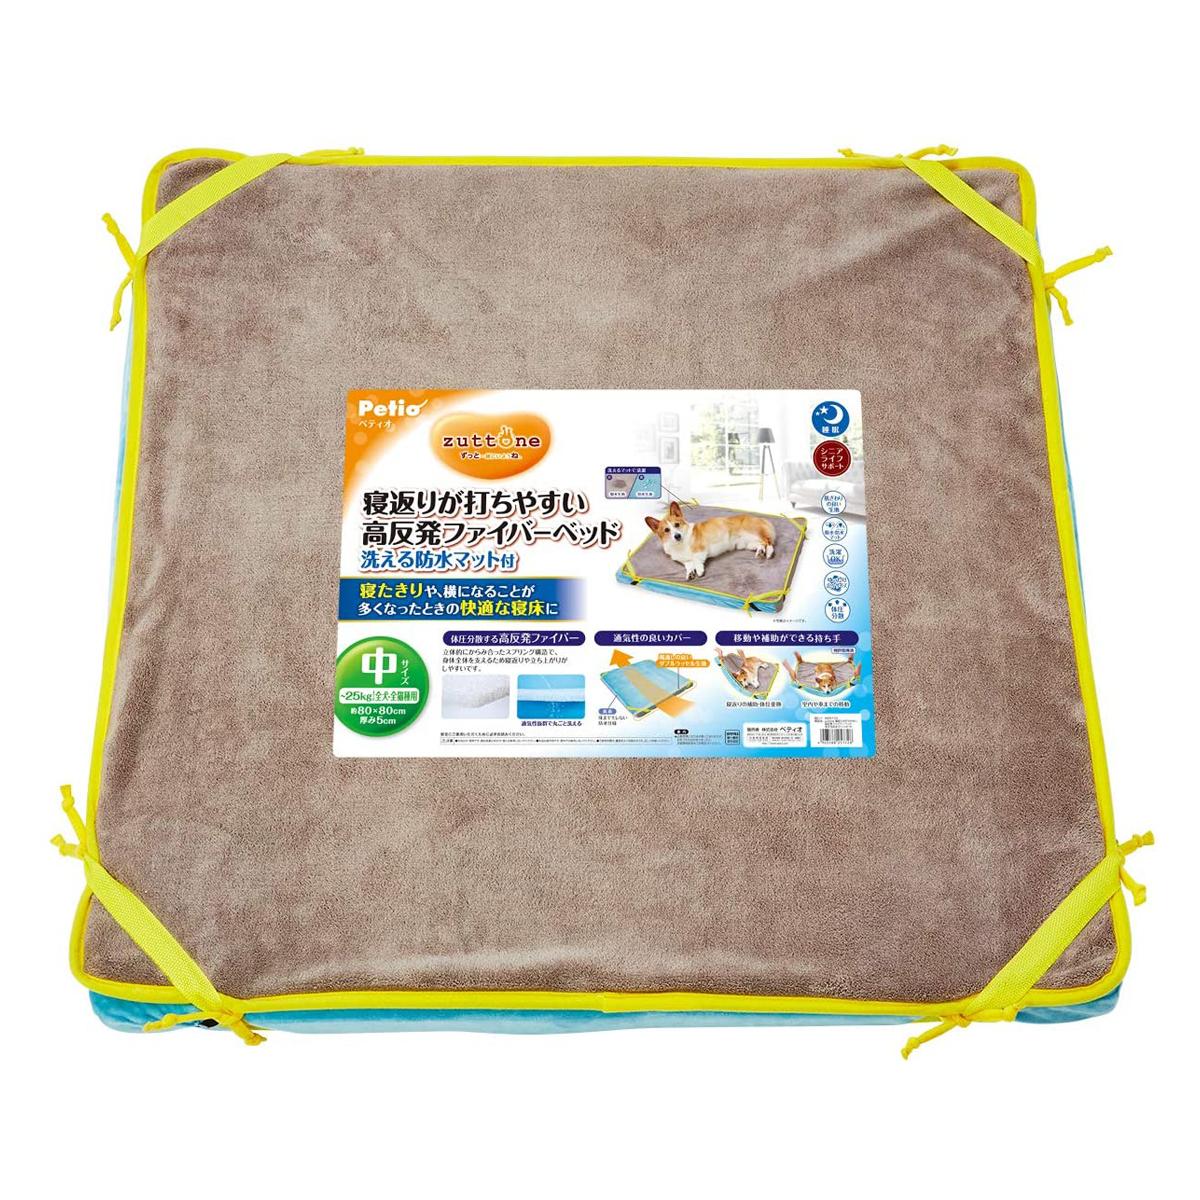 ペティオ (Petio) zuttone 寝返りが打ちやすい高反発ファイバーベッド 洗える防水マット付 ペット用 中